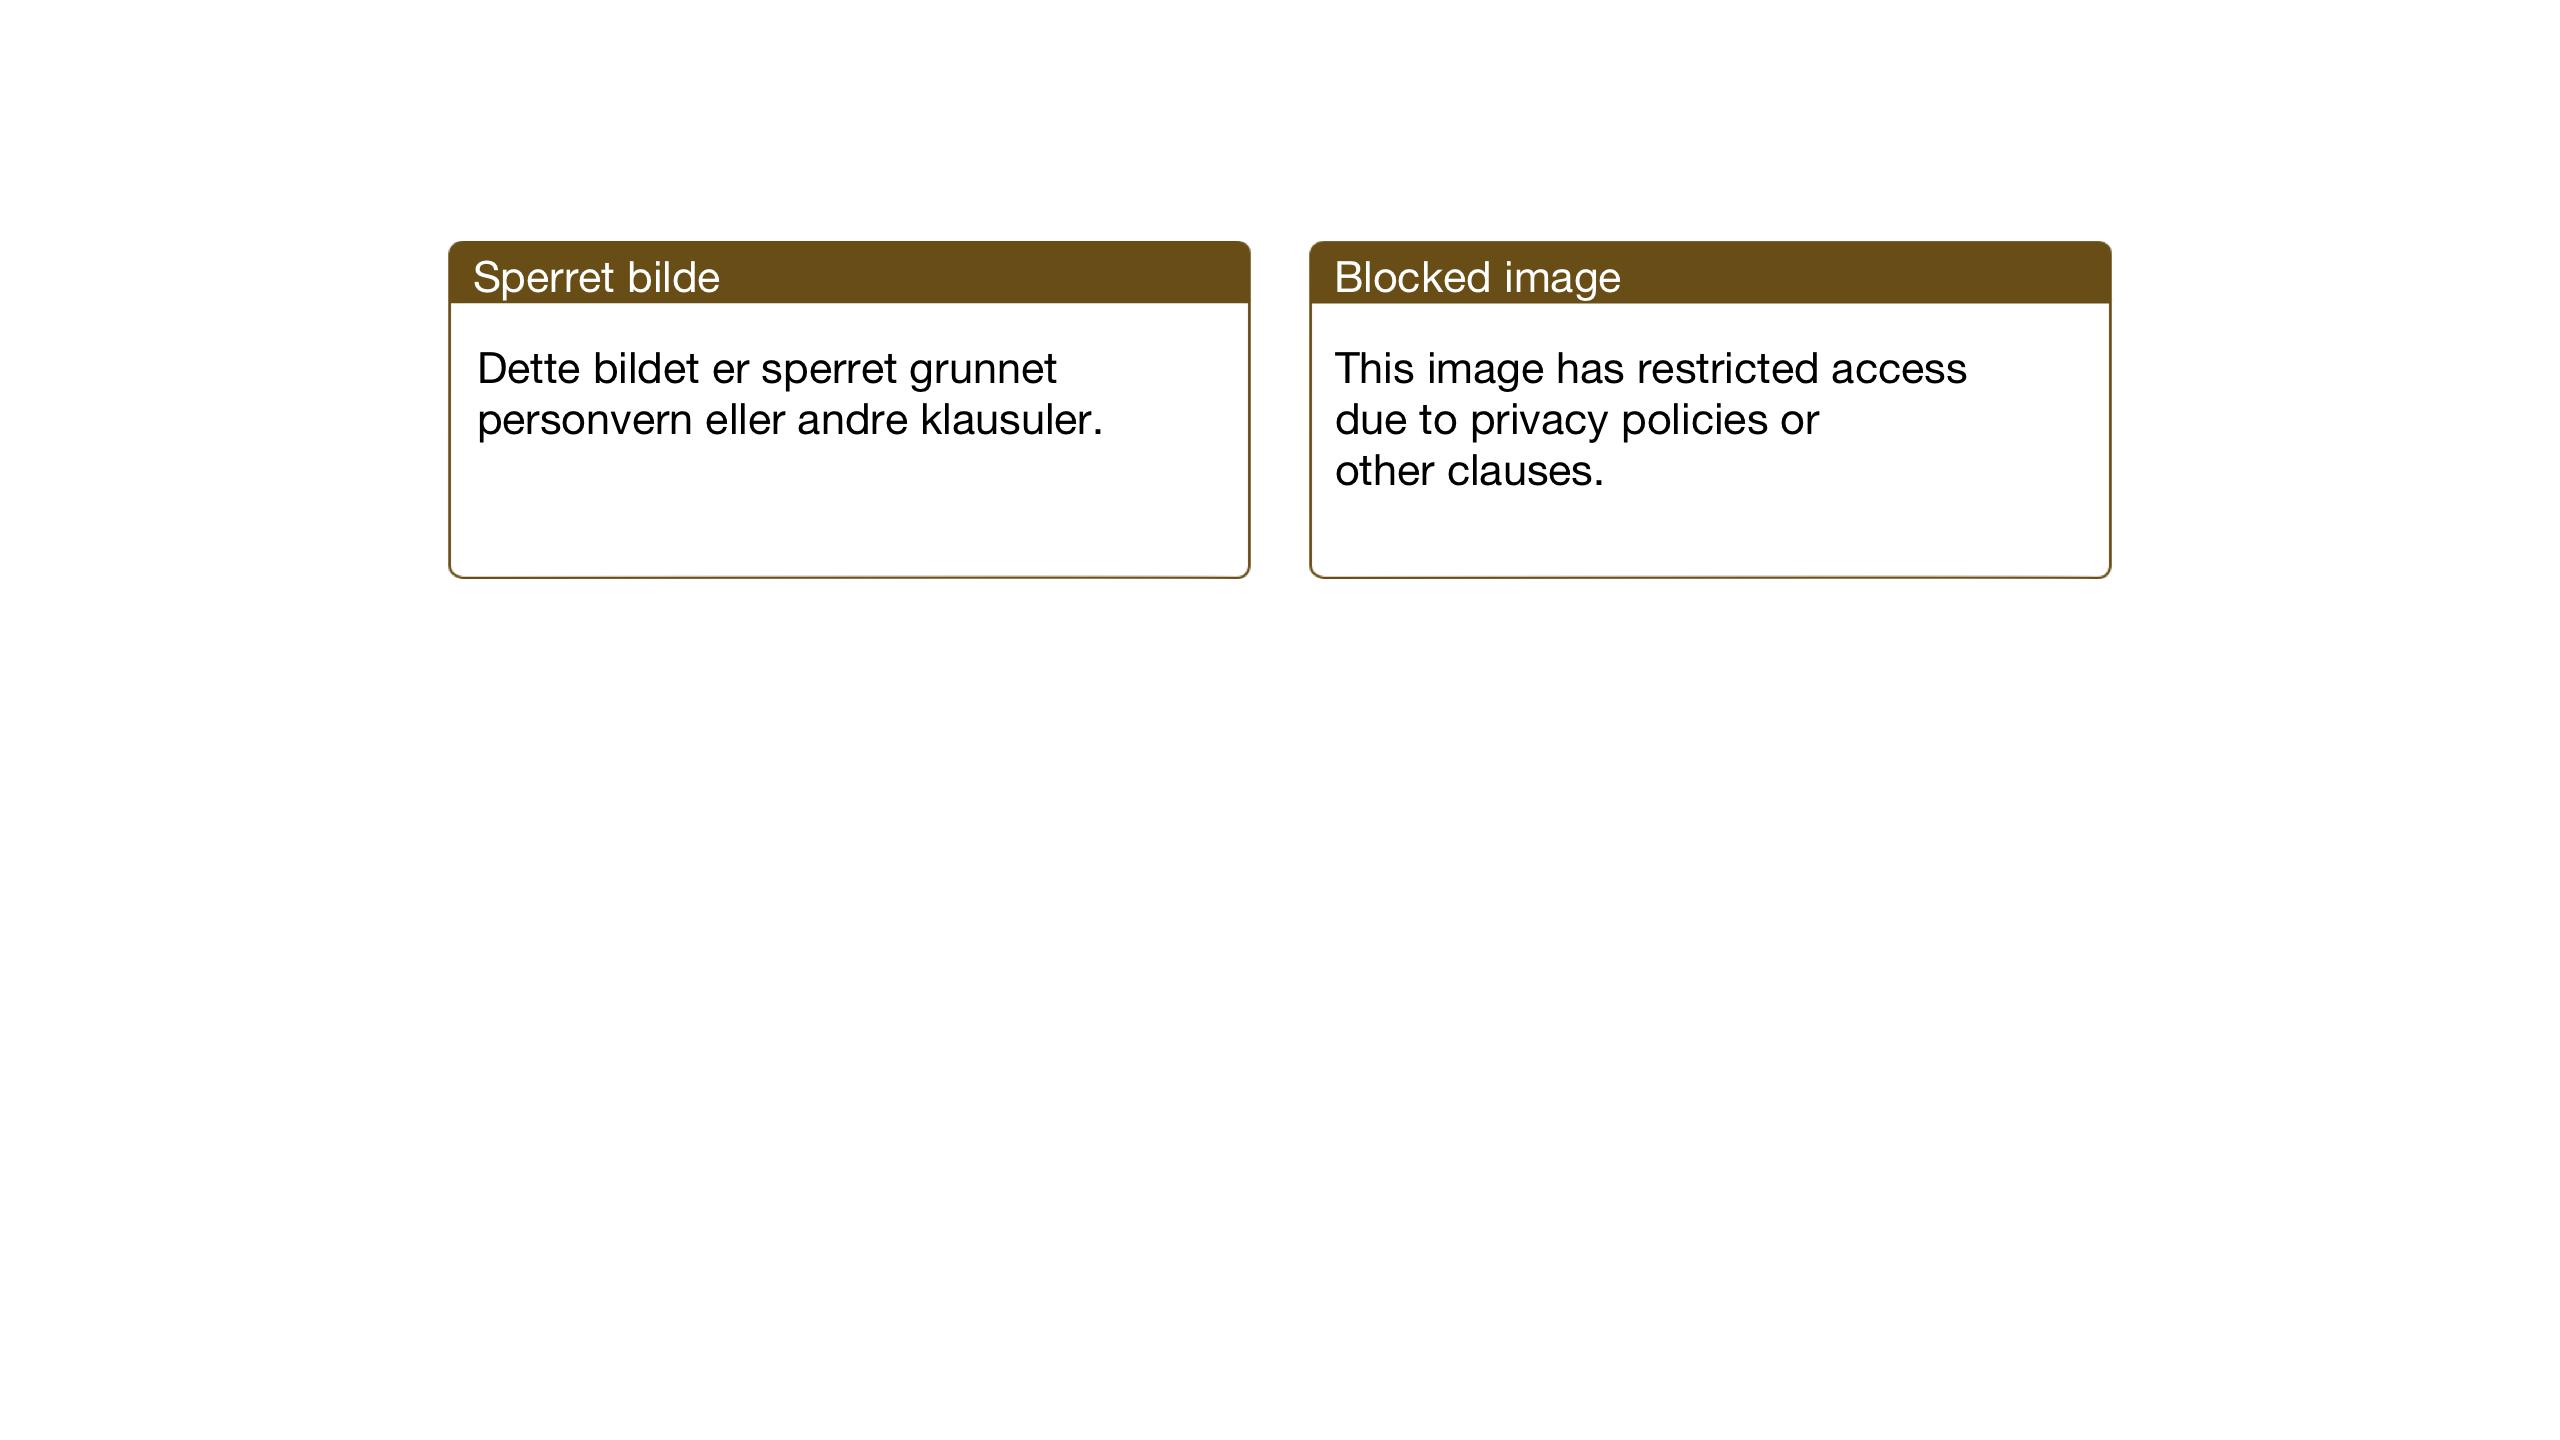 SAT, Ministerialprotokoller, klokkerbøker og fødselsregistre - Nord-Trøndelag, 741/L0403: Ministerialbok nr. 741C04, 1925-1944, s. 41